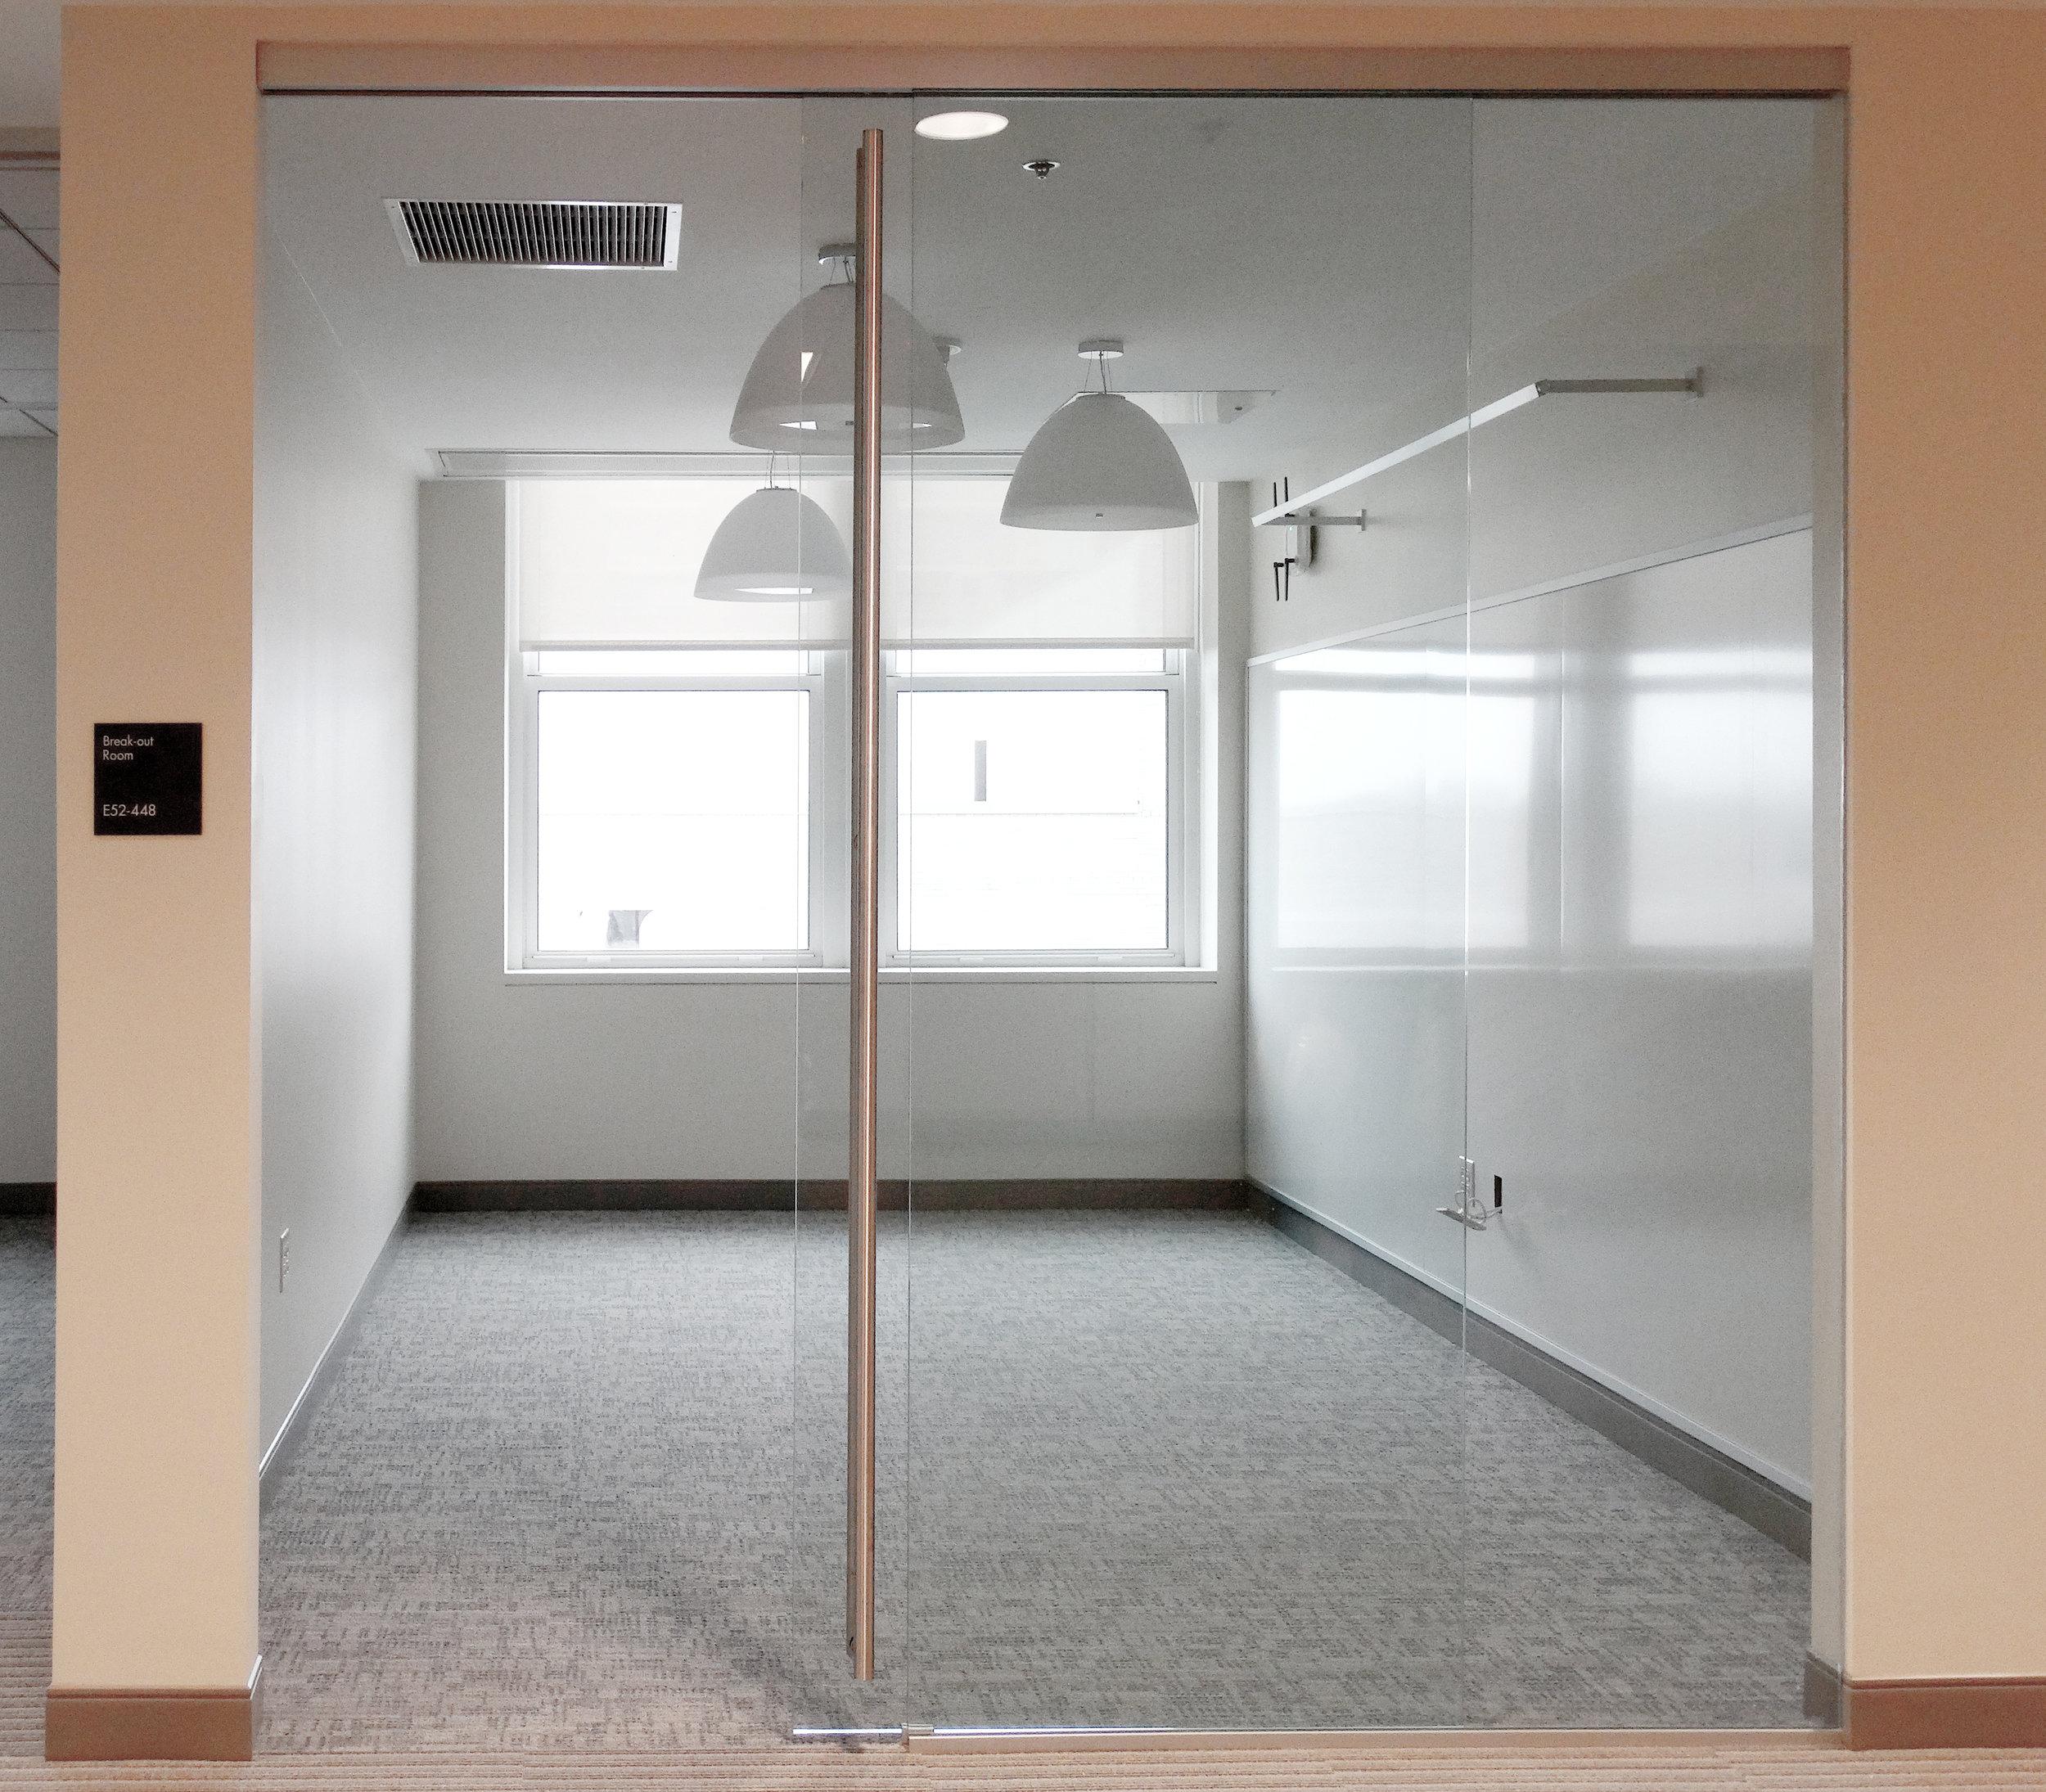 Illume Frameless Glass Sliding Door System - Spaceworks AI.jpg